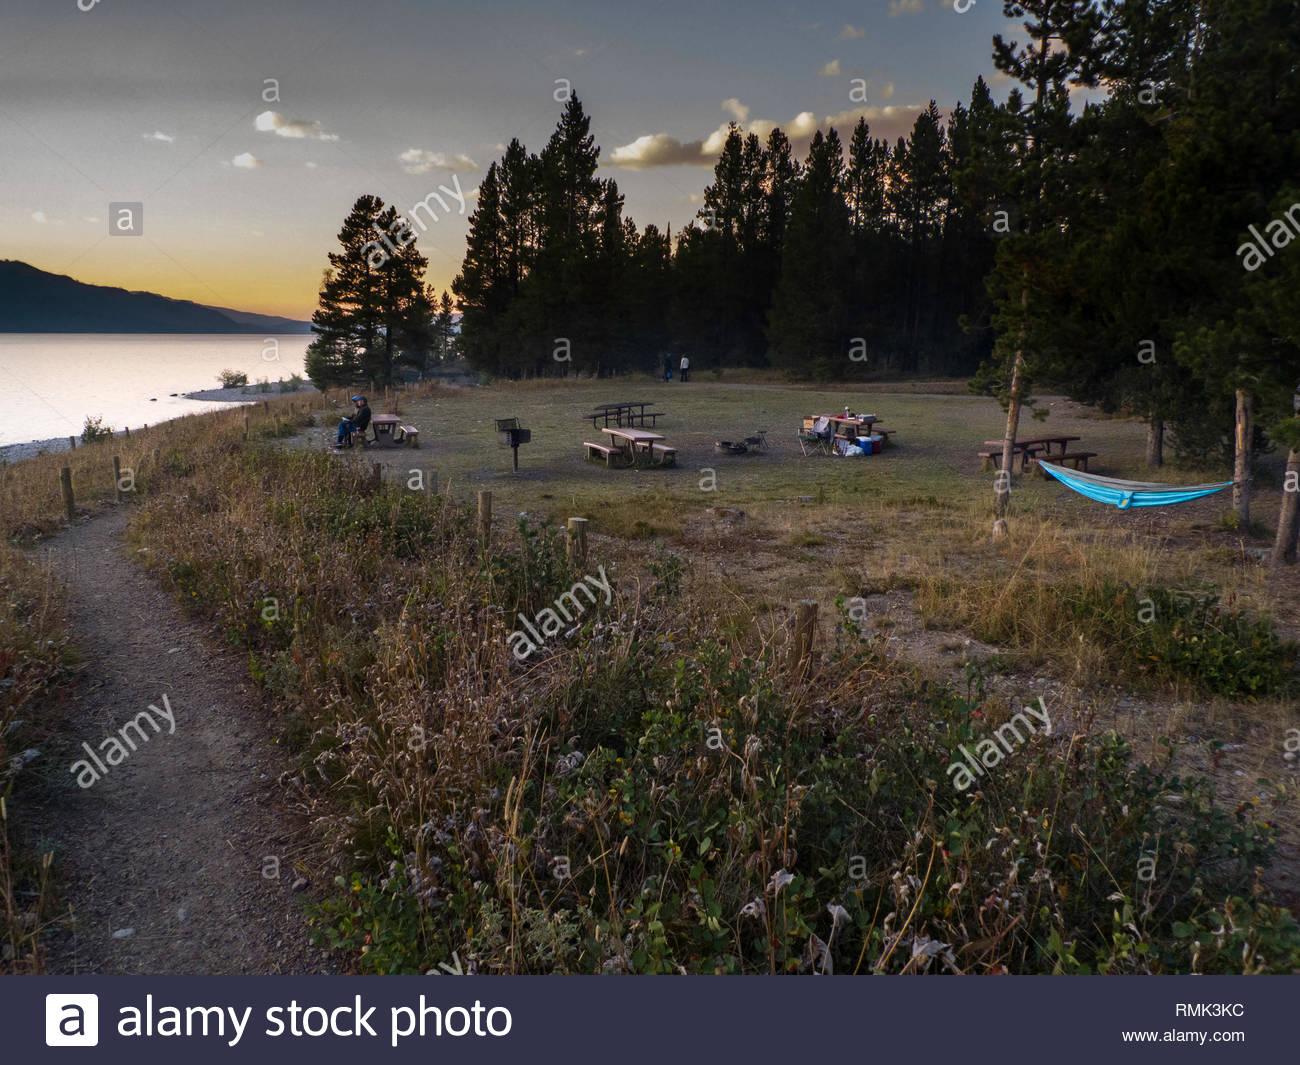 Picnic tables at swimming beach, Colter Bay, Grand Teton National Park, Teton County, Wyoming, USA - Stock Image